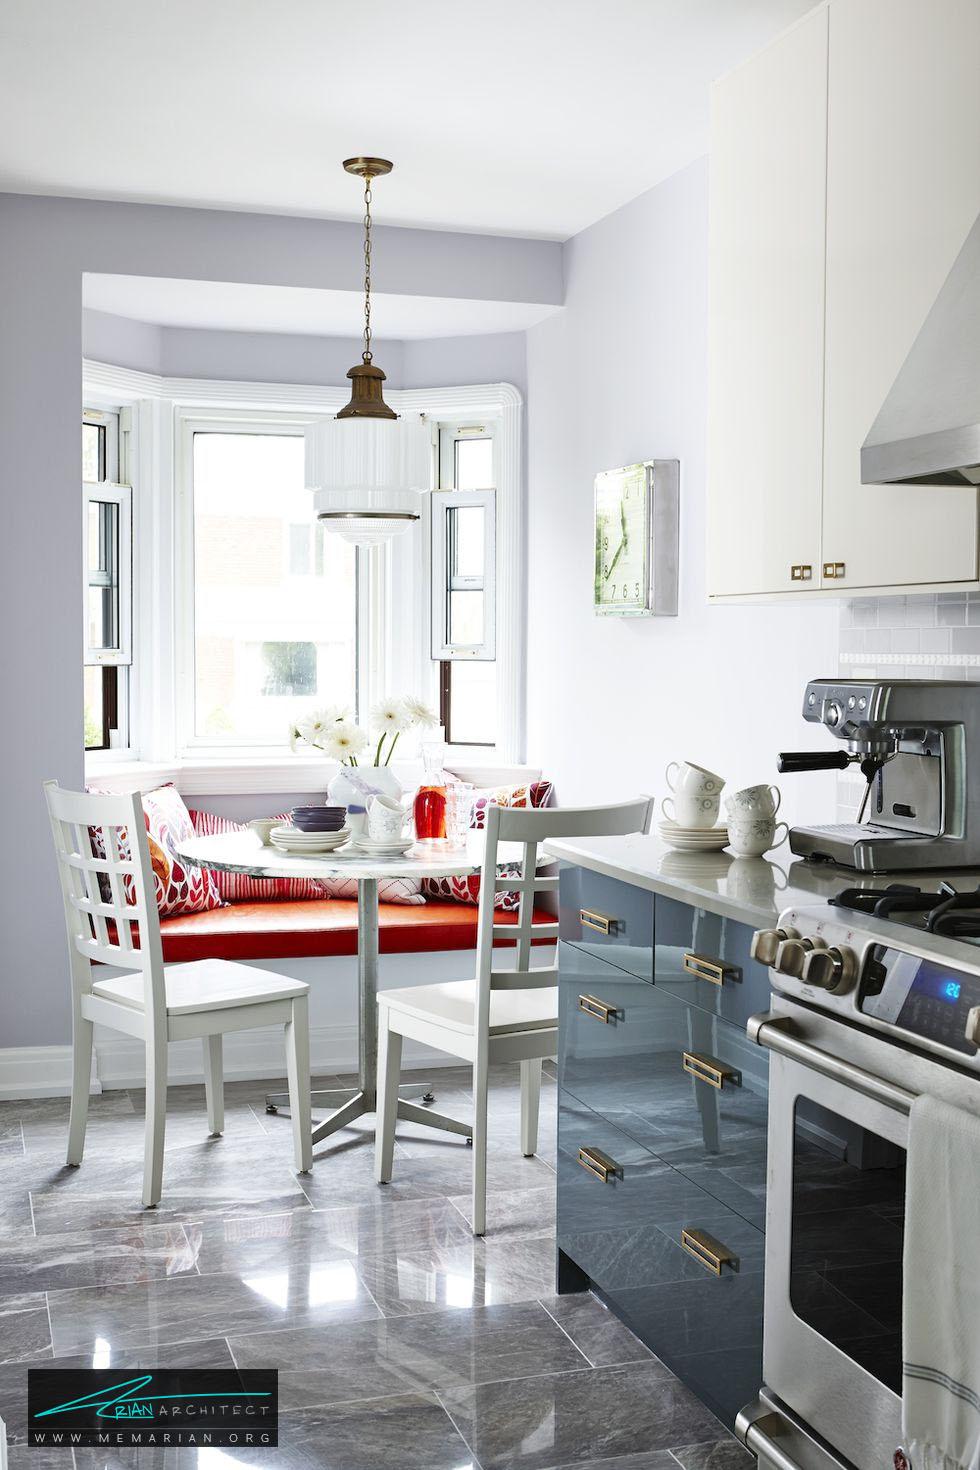 میز غذاخوری چسبیده به پنجره - 20 ایده جذاب برای دکوراسیون آشپزخانه